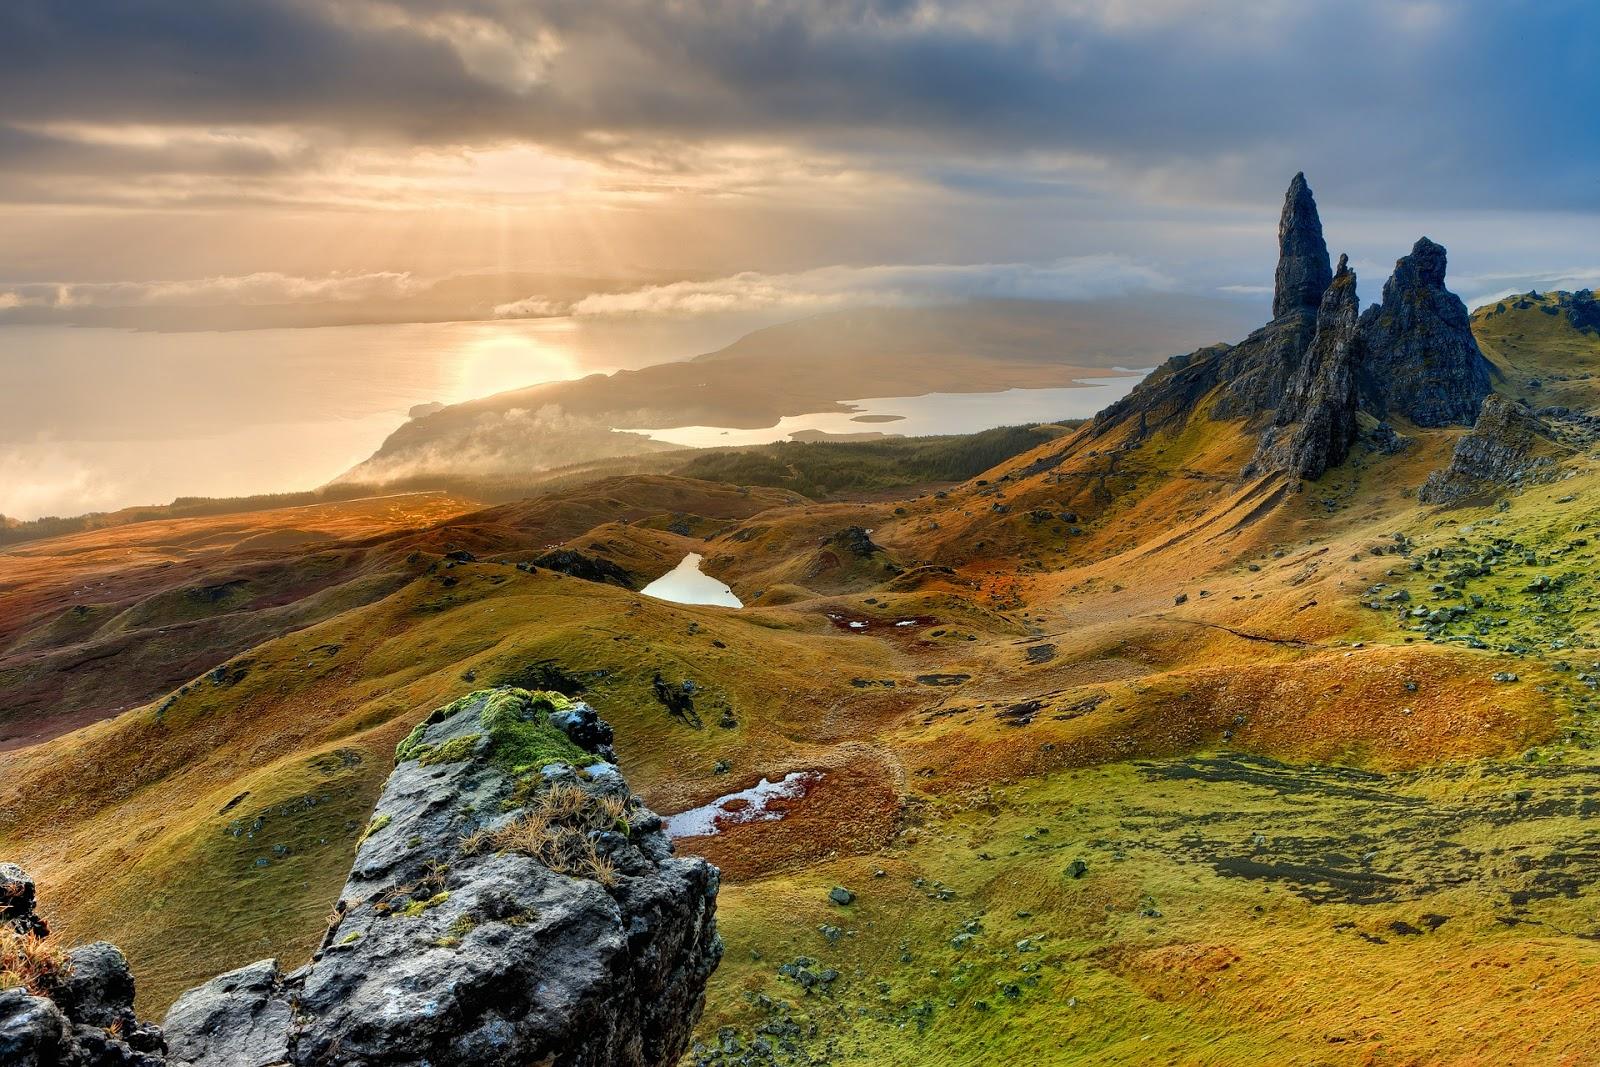 szkocja, pejzaż, jesień